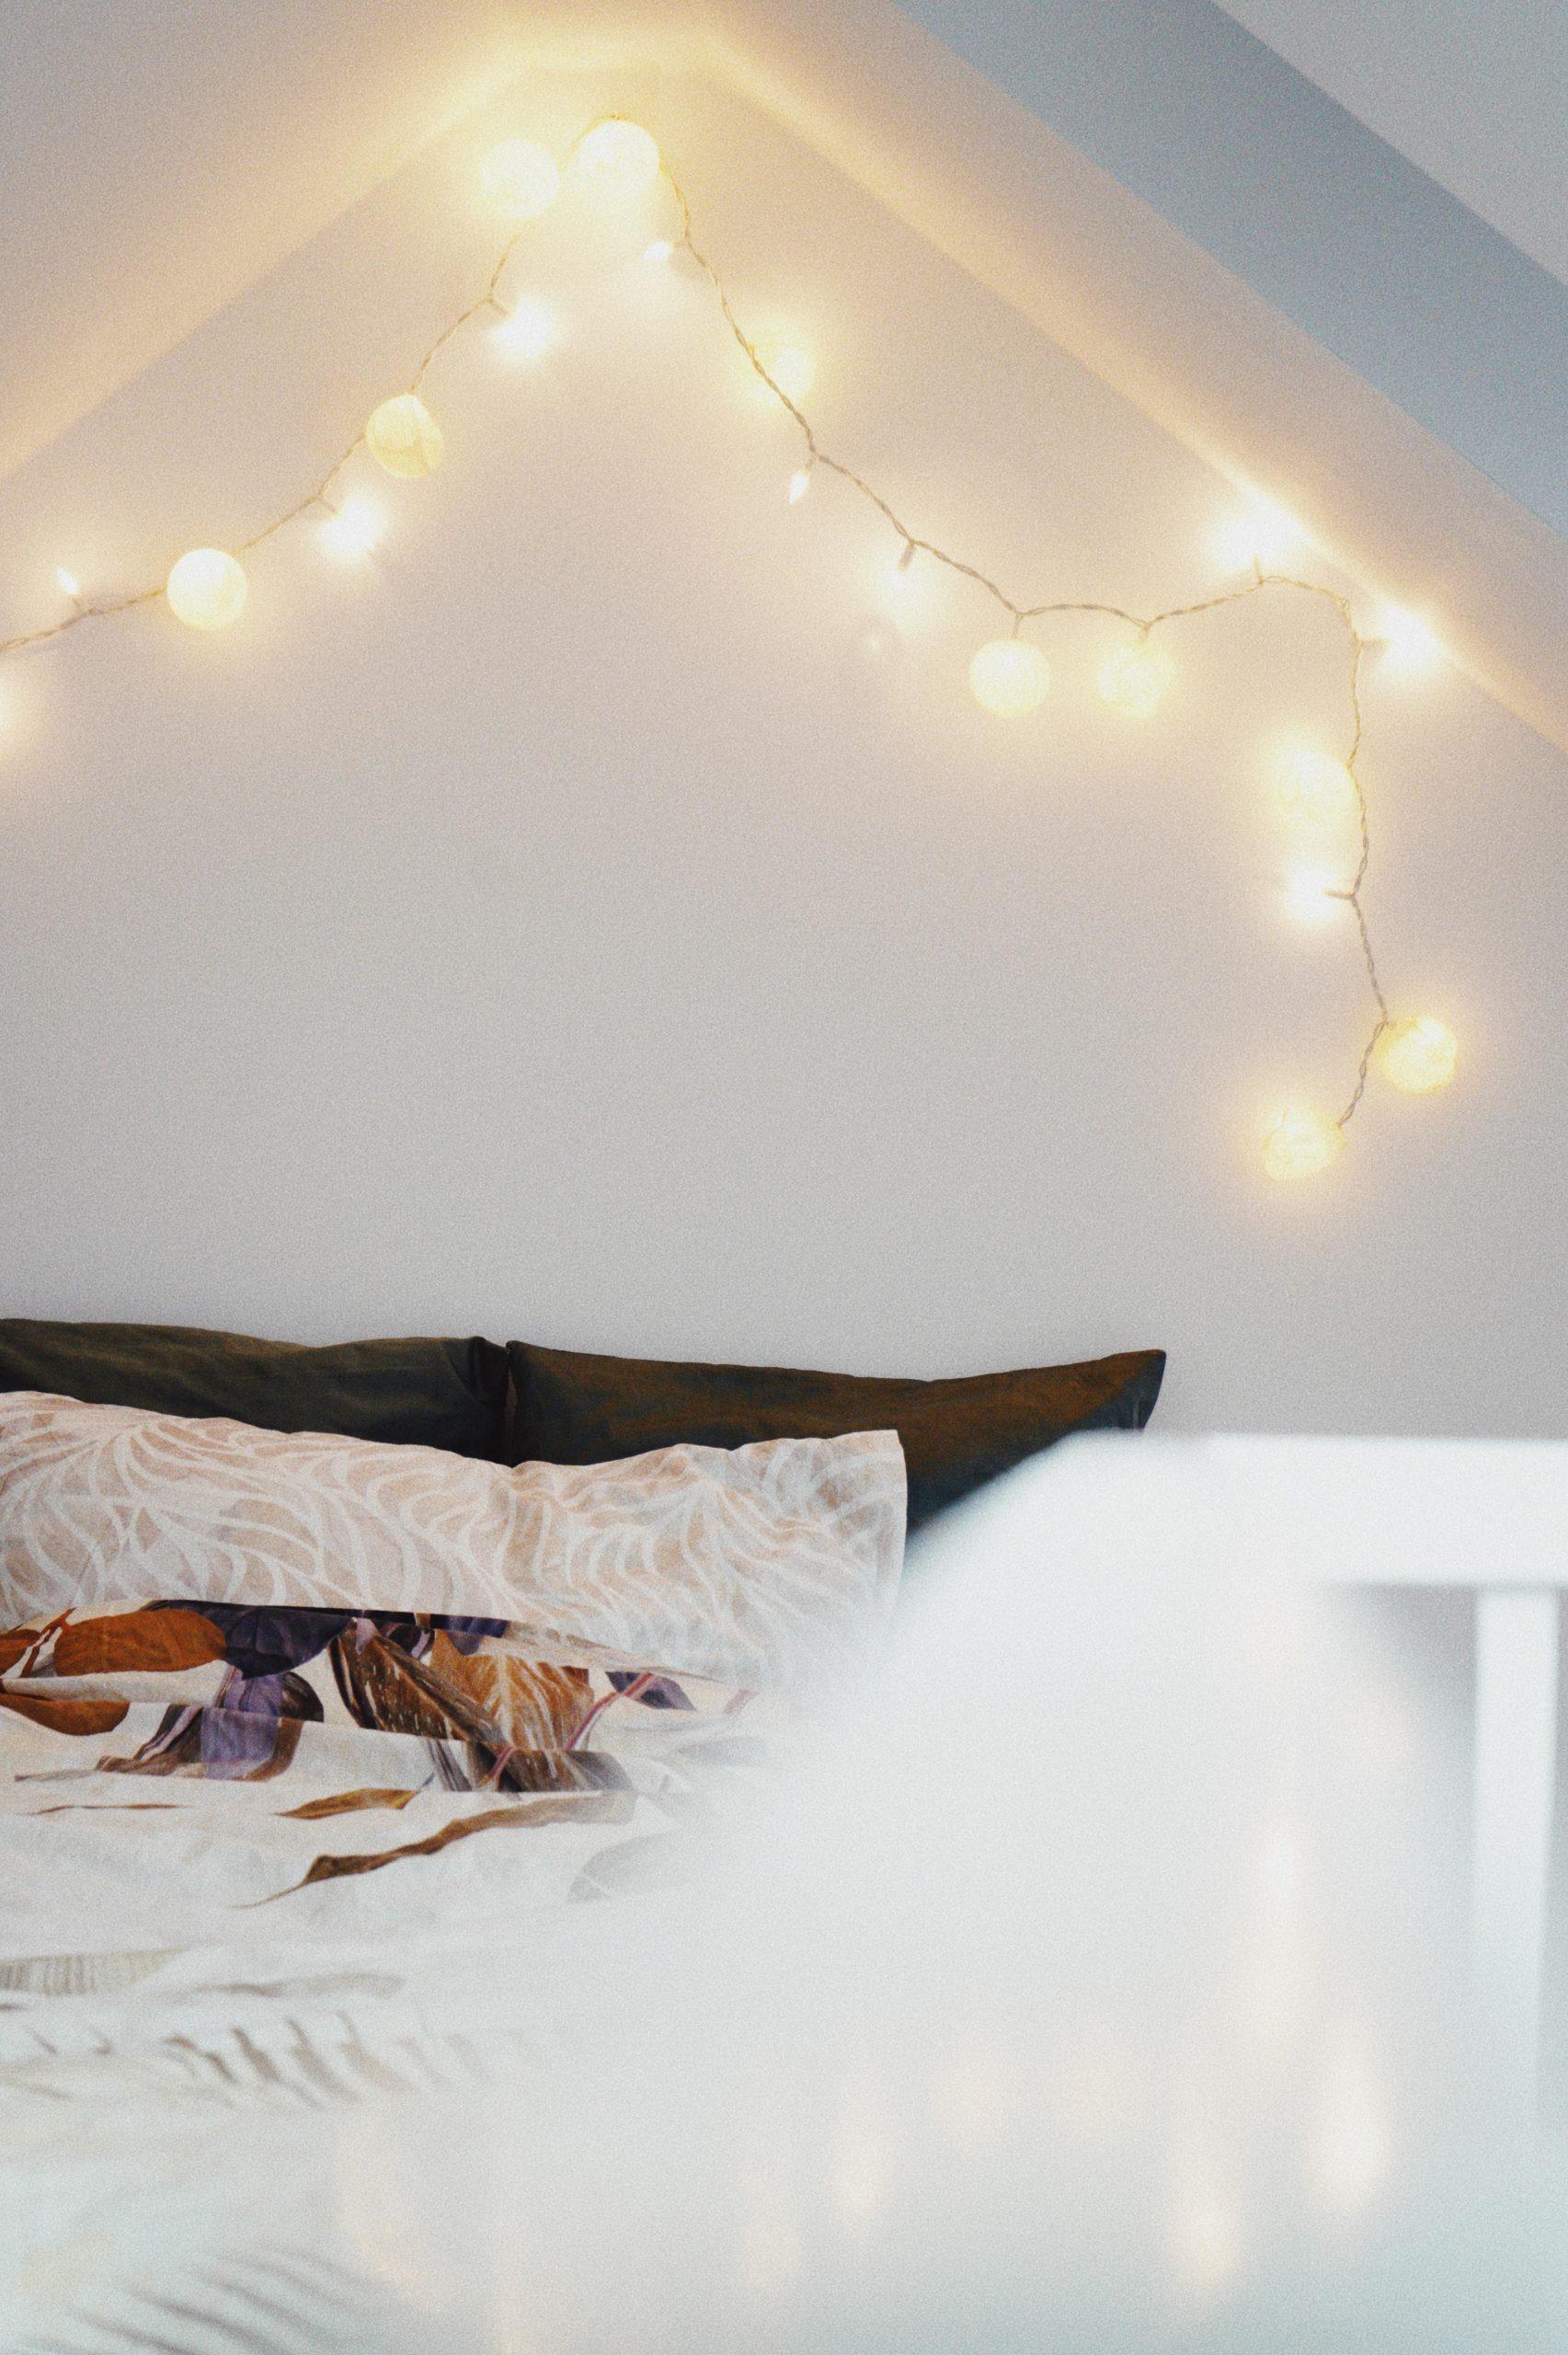 Bett und Lichterkette vor weißer wand